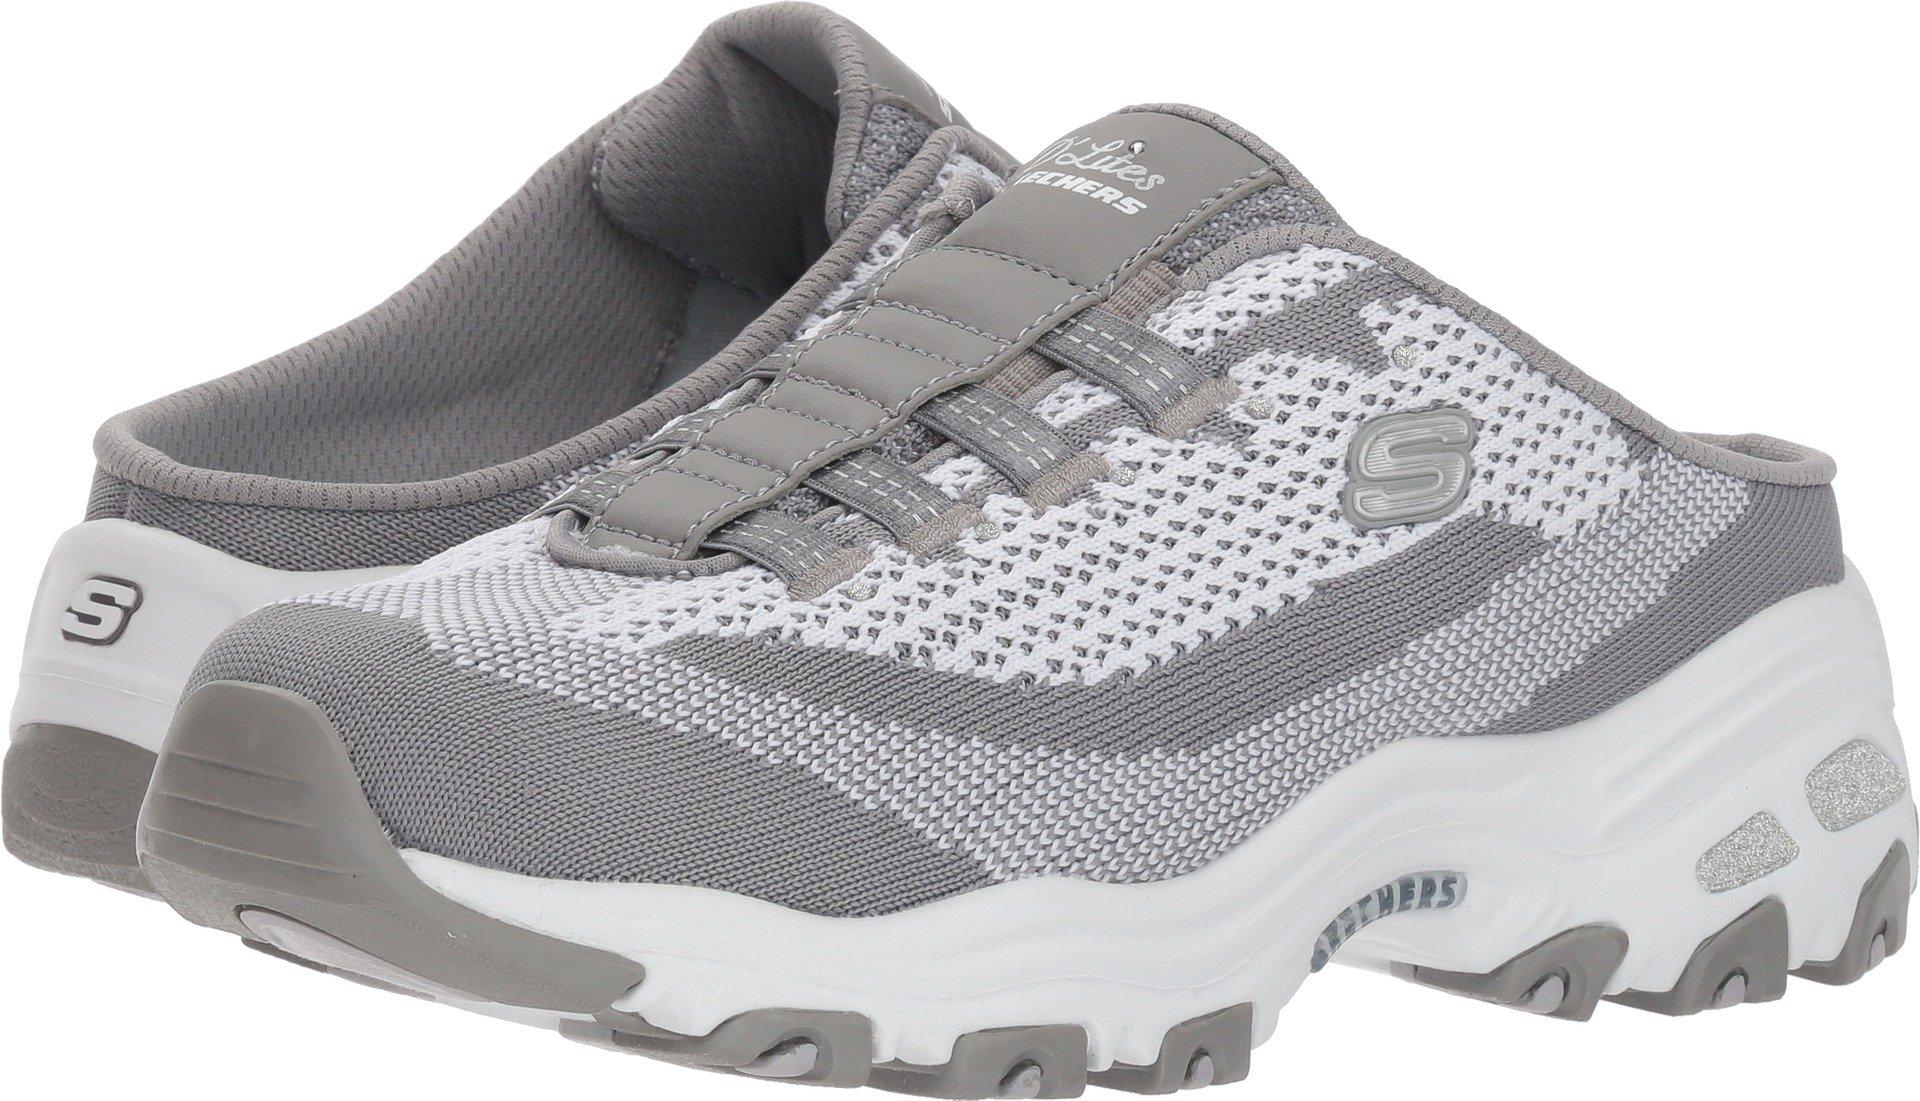 Skechers D'Lites A New Leaf Womens Slip On Sneaker Clogs Gray/White 8.5